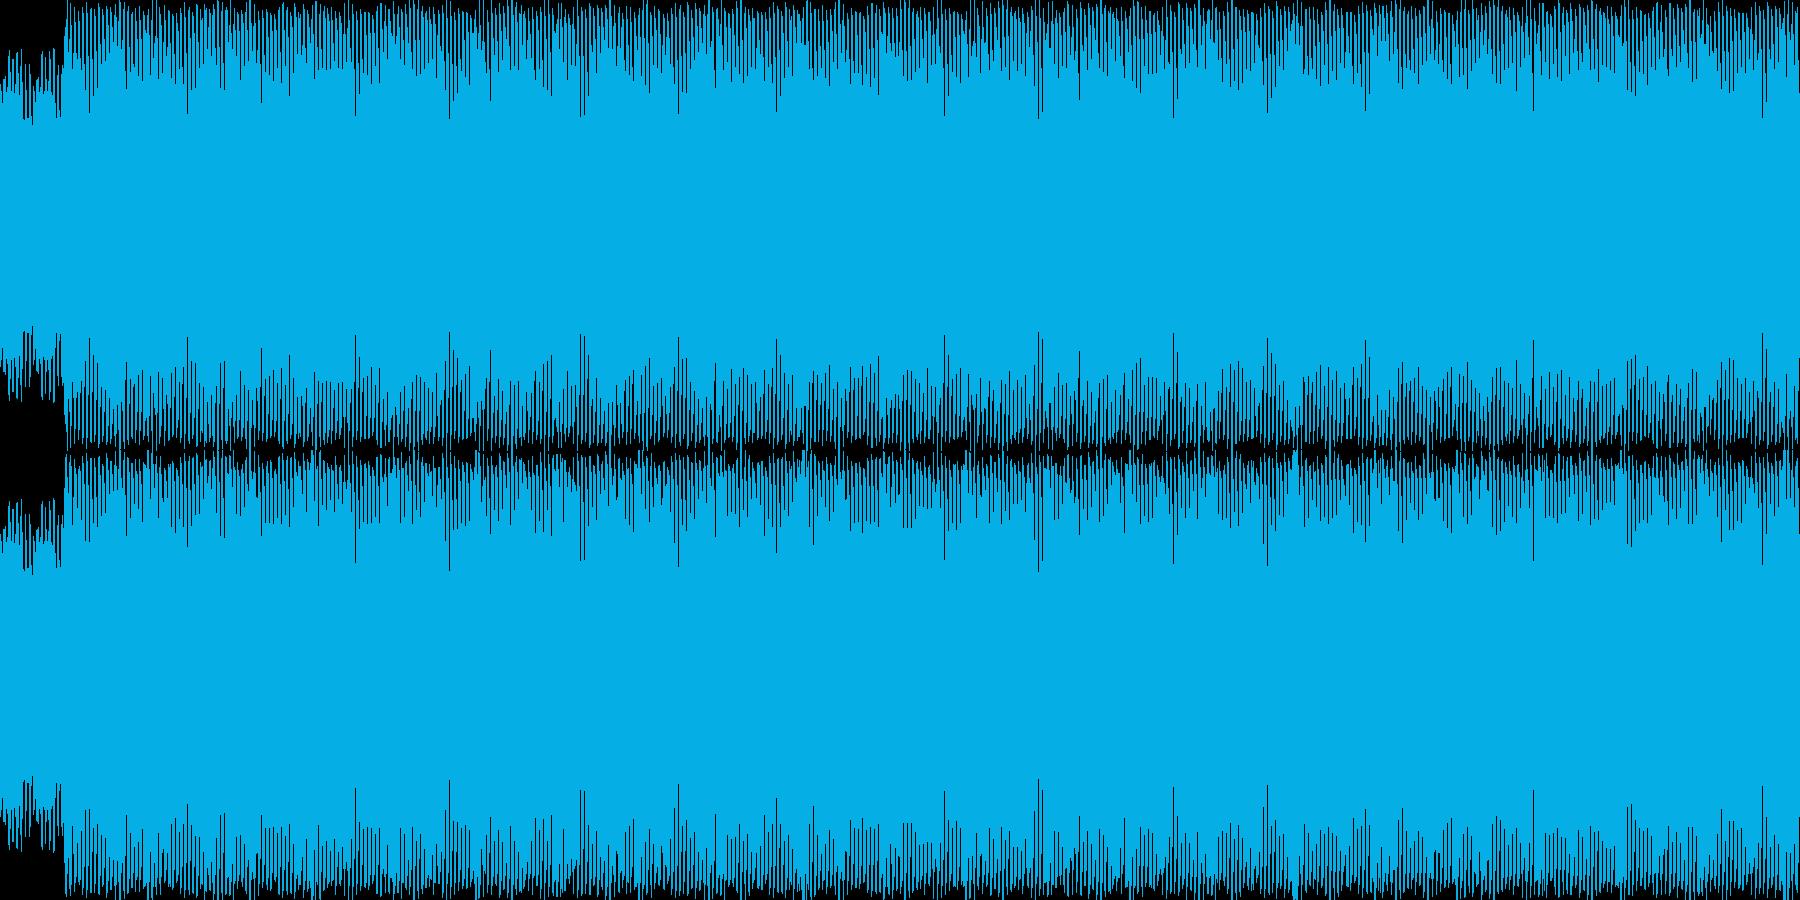 4つ打ち急かし系1の再生済みの波形